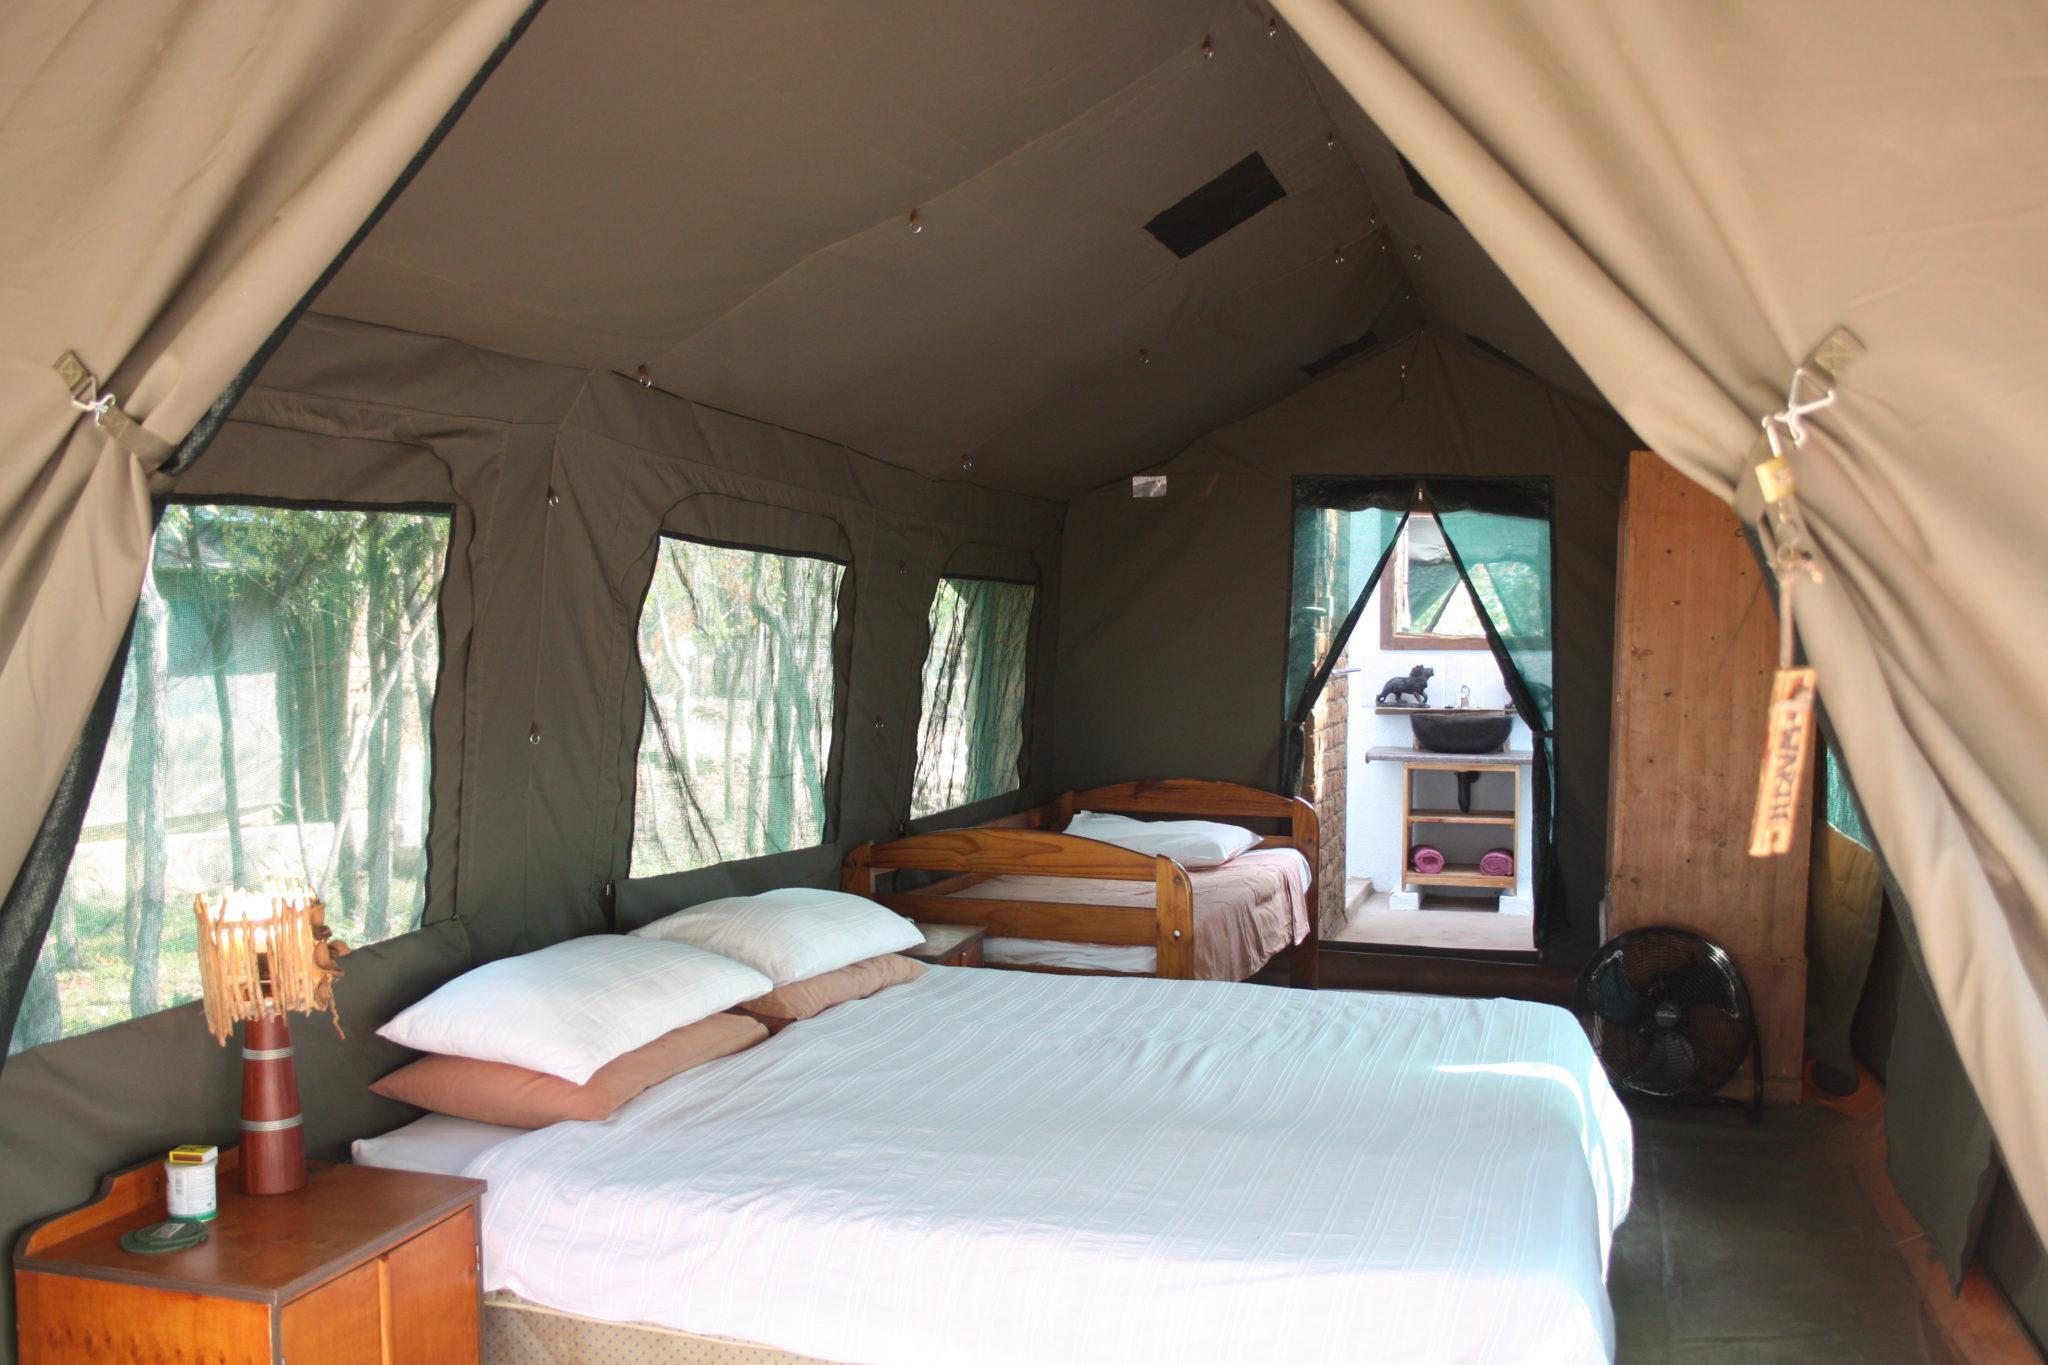 Warthogs Safari Camp in Zimbabwe: Lake Kariba camping